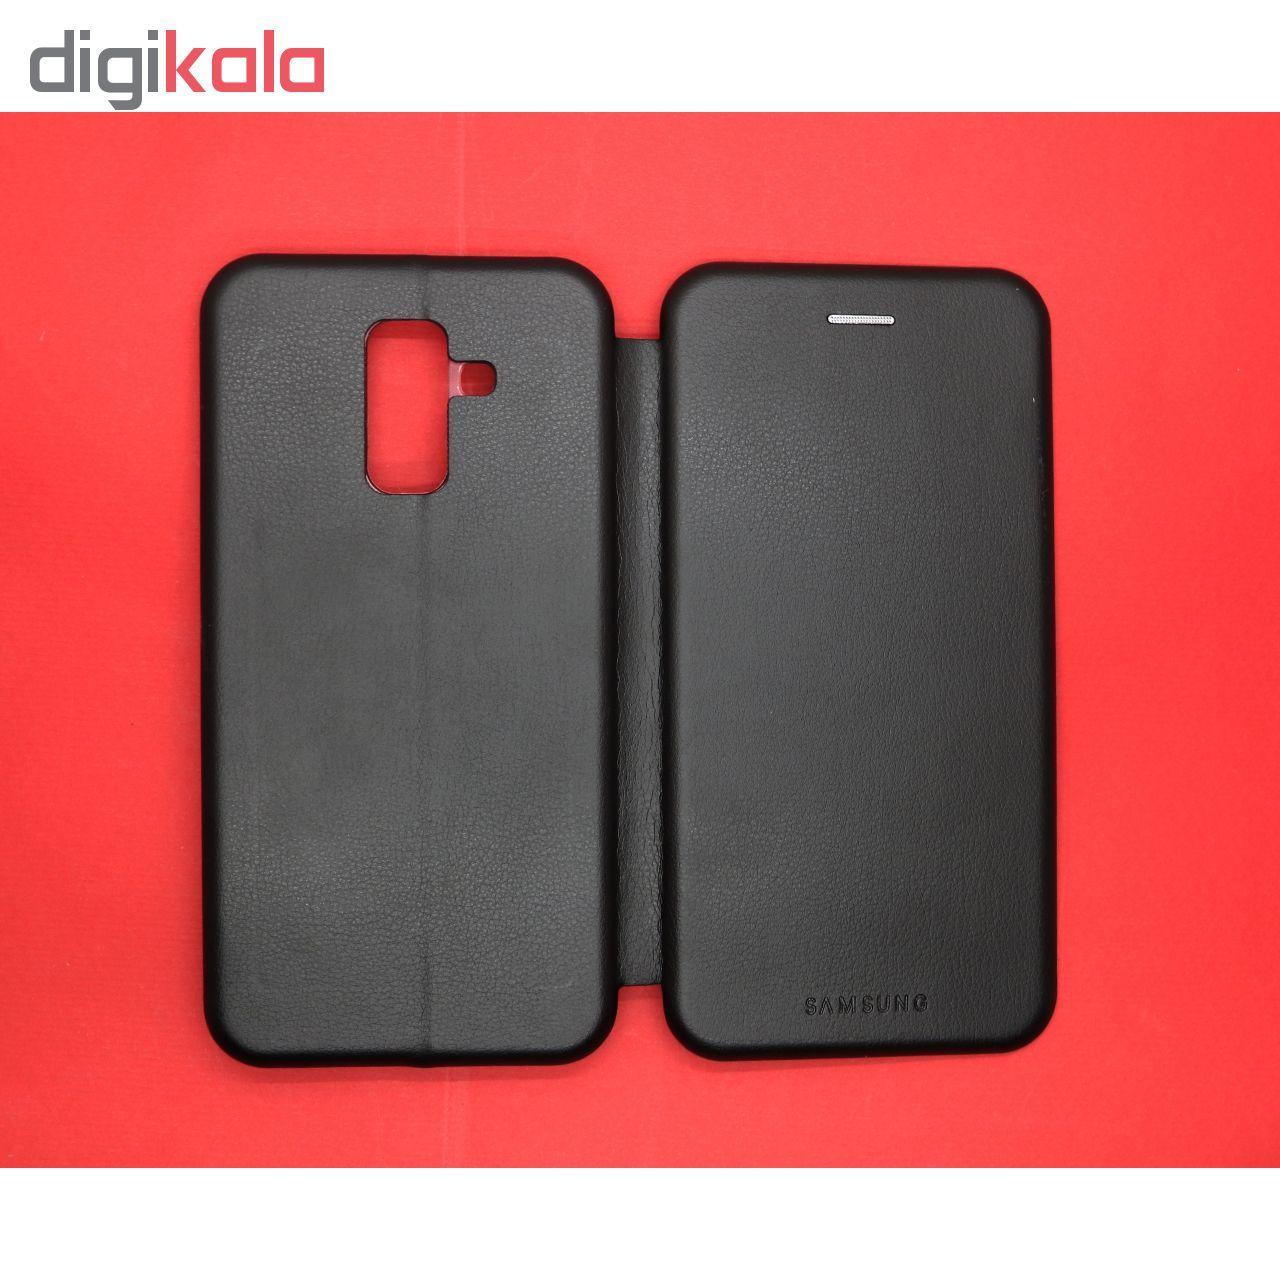 کیف کلاسوری مدل C-001 مناسب برای گوشی موبایل سامسونگ Galaxy A6 plus 2018 main 1 1